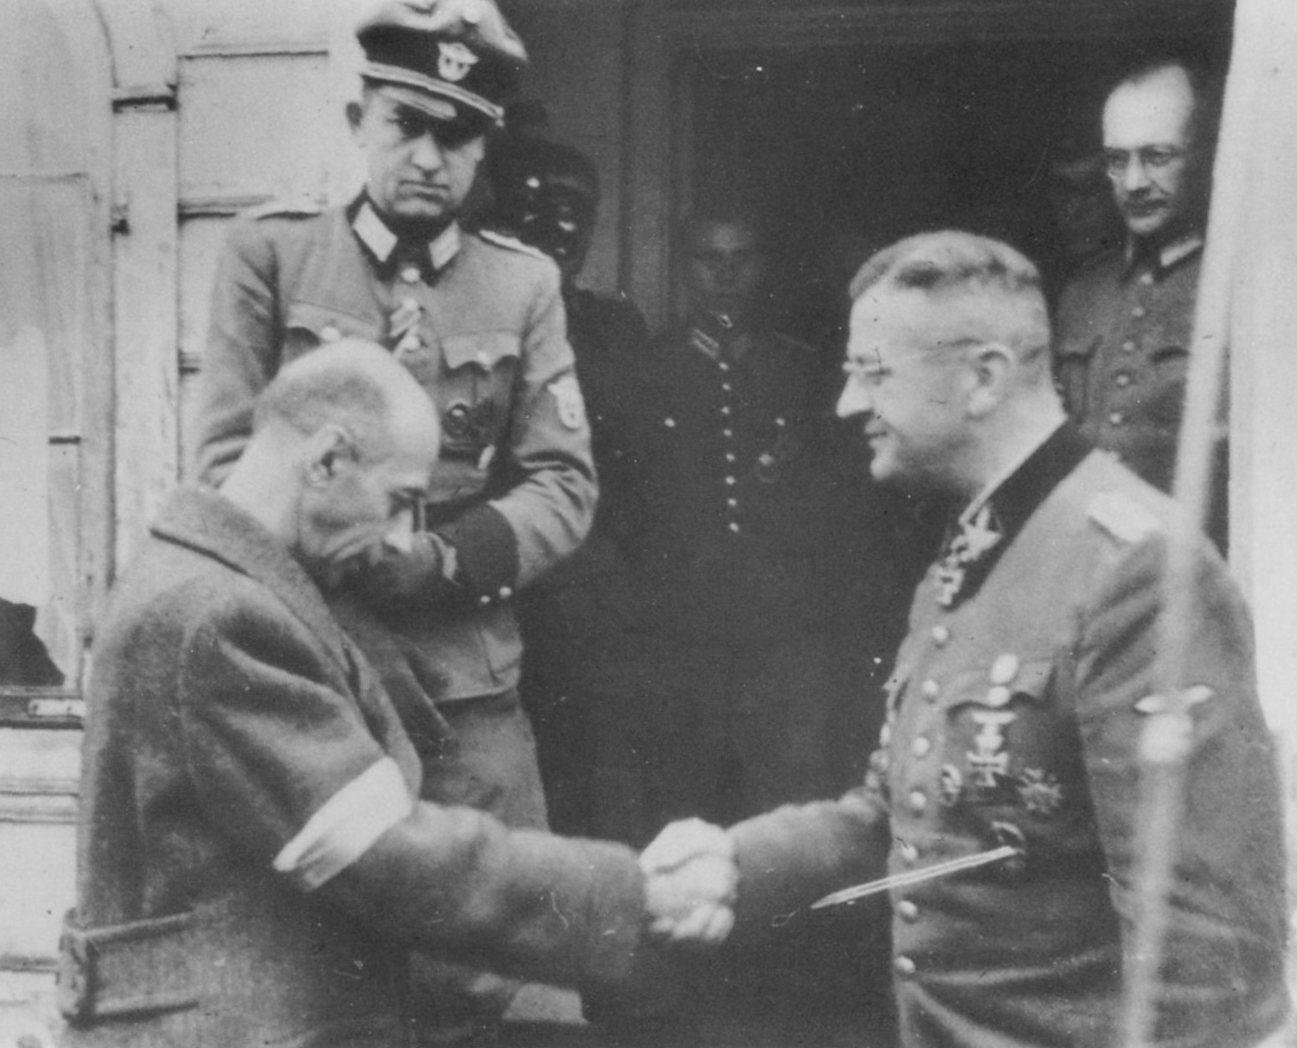 http://upload.wikimedia.org/wikipedia/commons/7/79/Tadeusz_Bor_Komorowski_and_Erich_von_dem_Bach_in_Ozarow.jpg